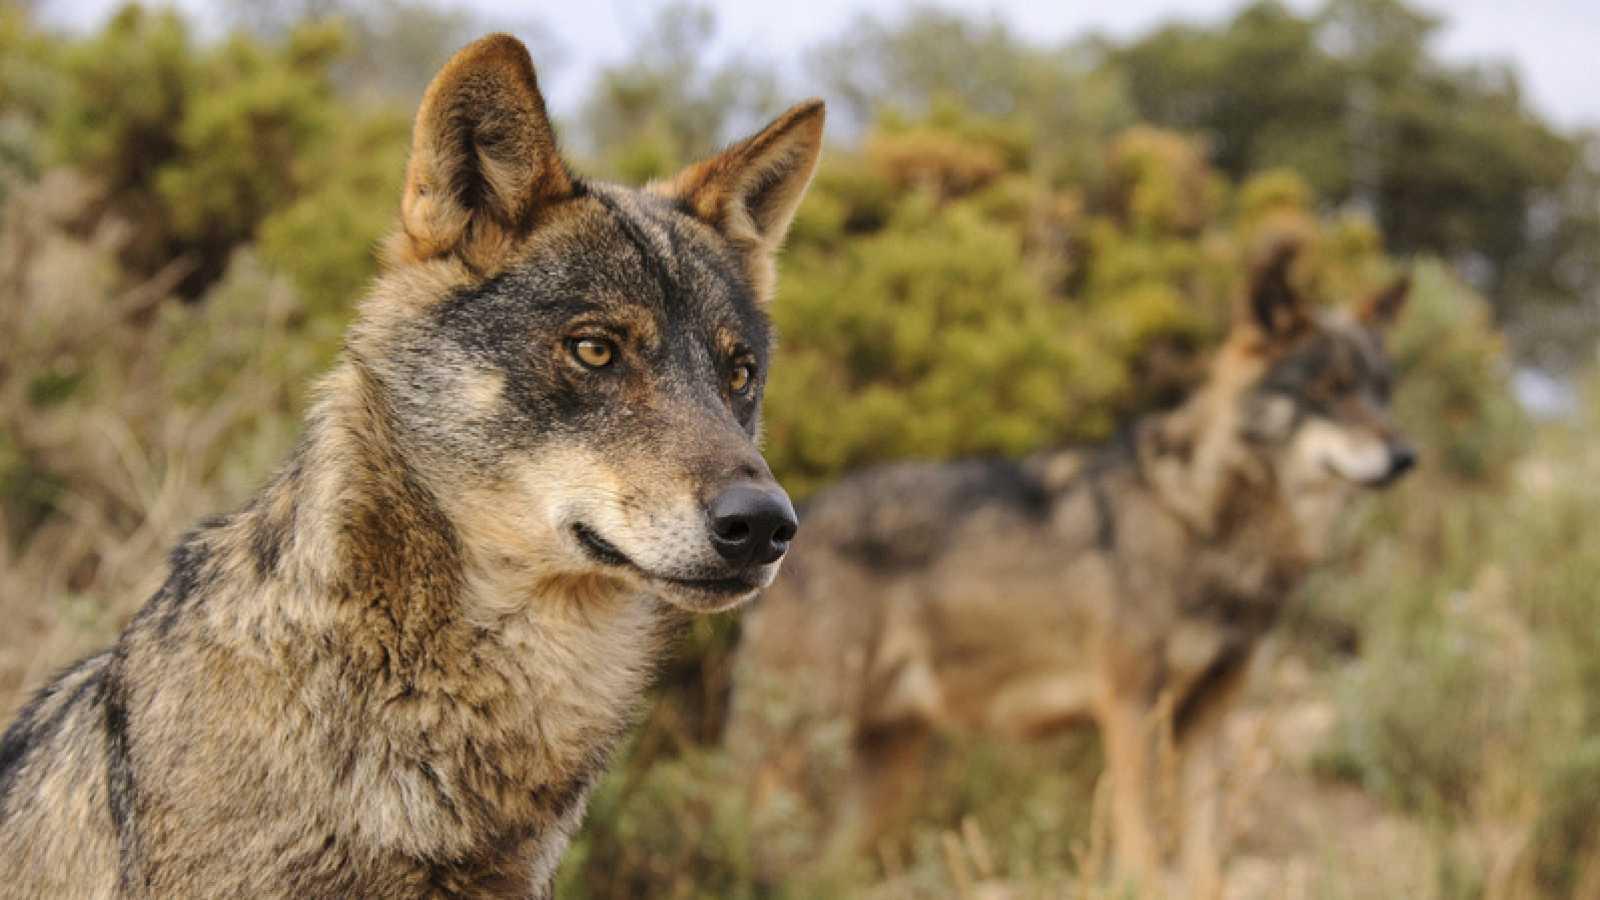 Vida verde - Atención al lobo - 13/02/21 - escuchar ahora